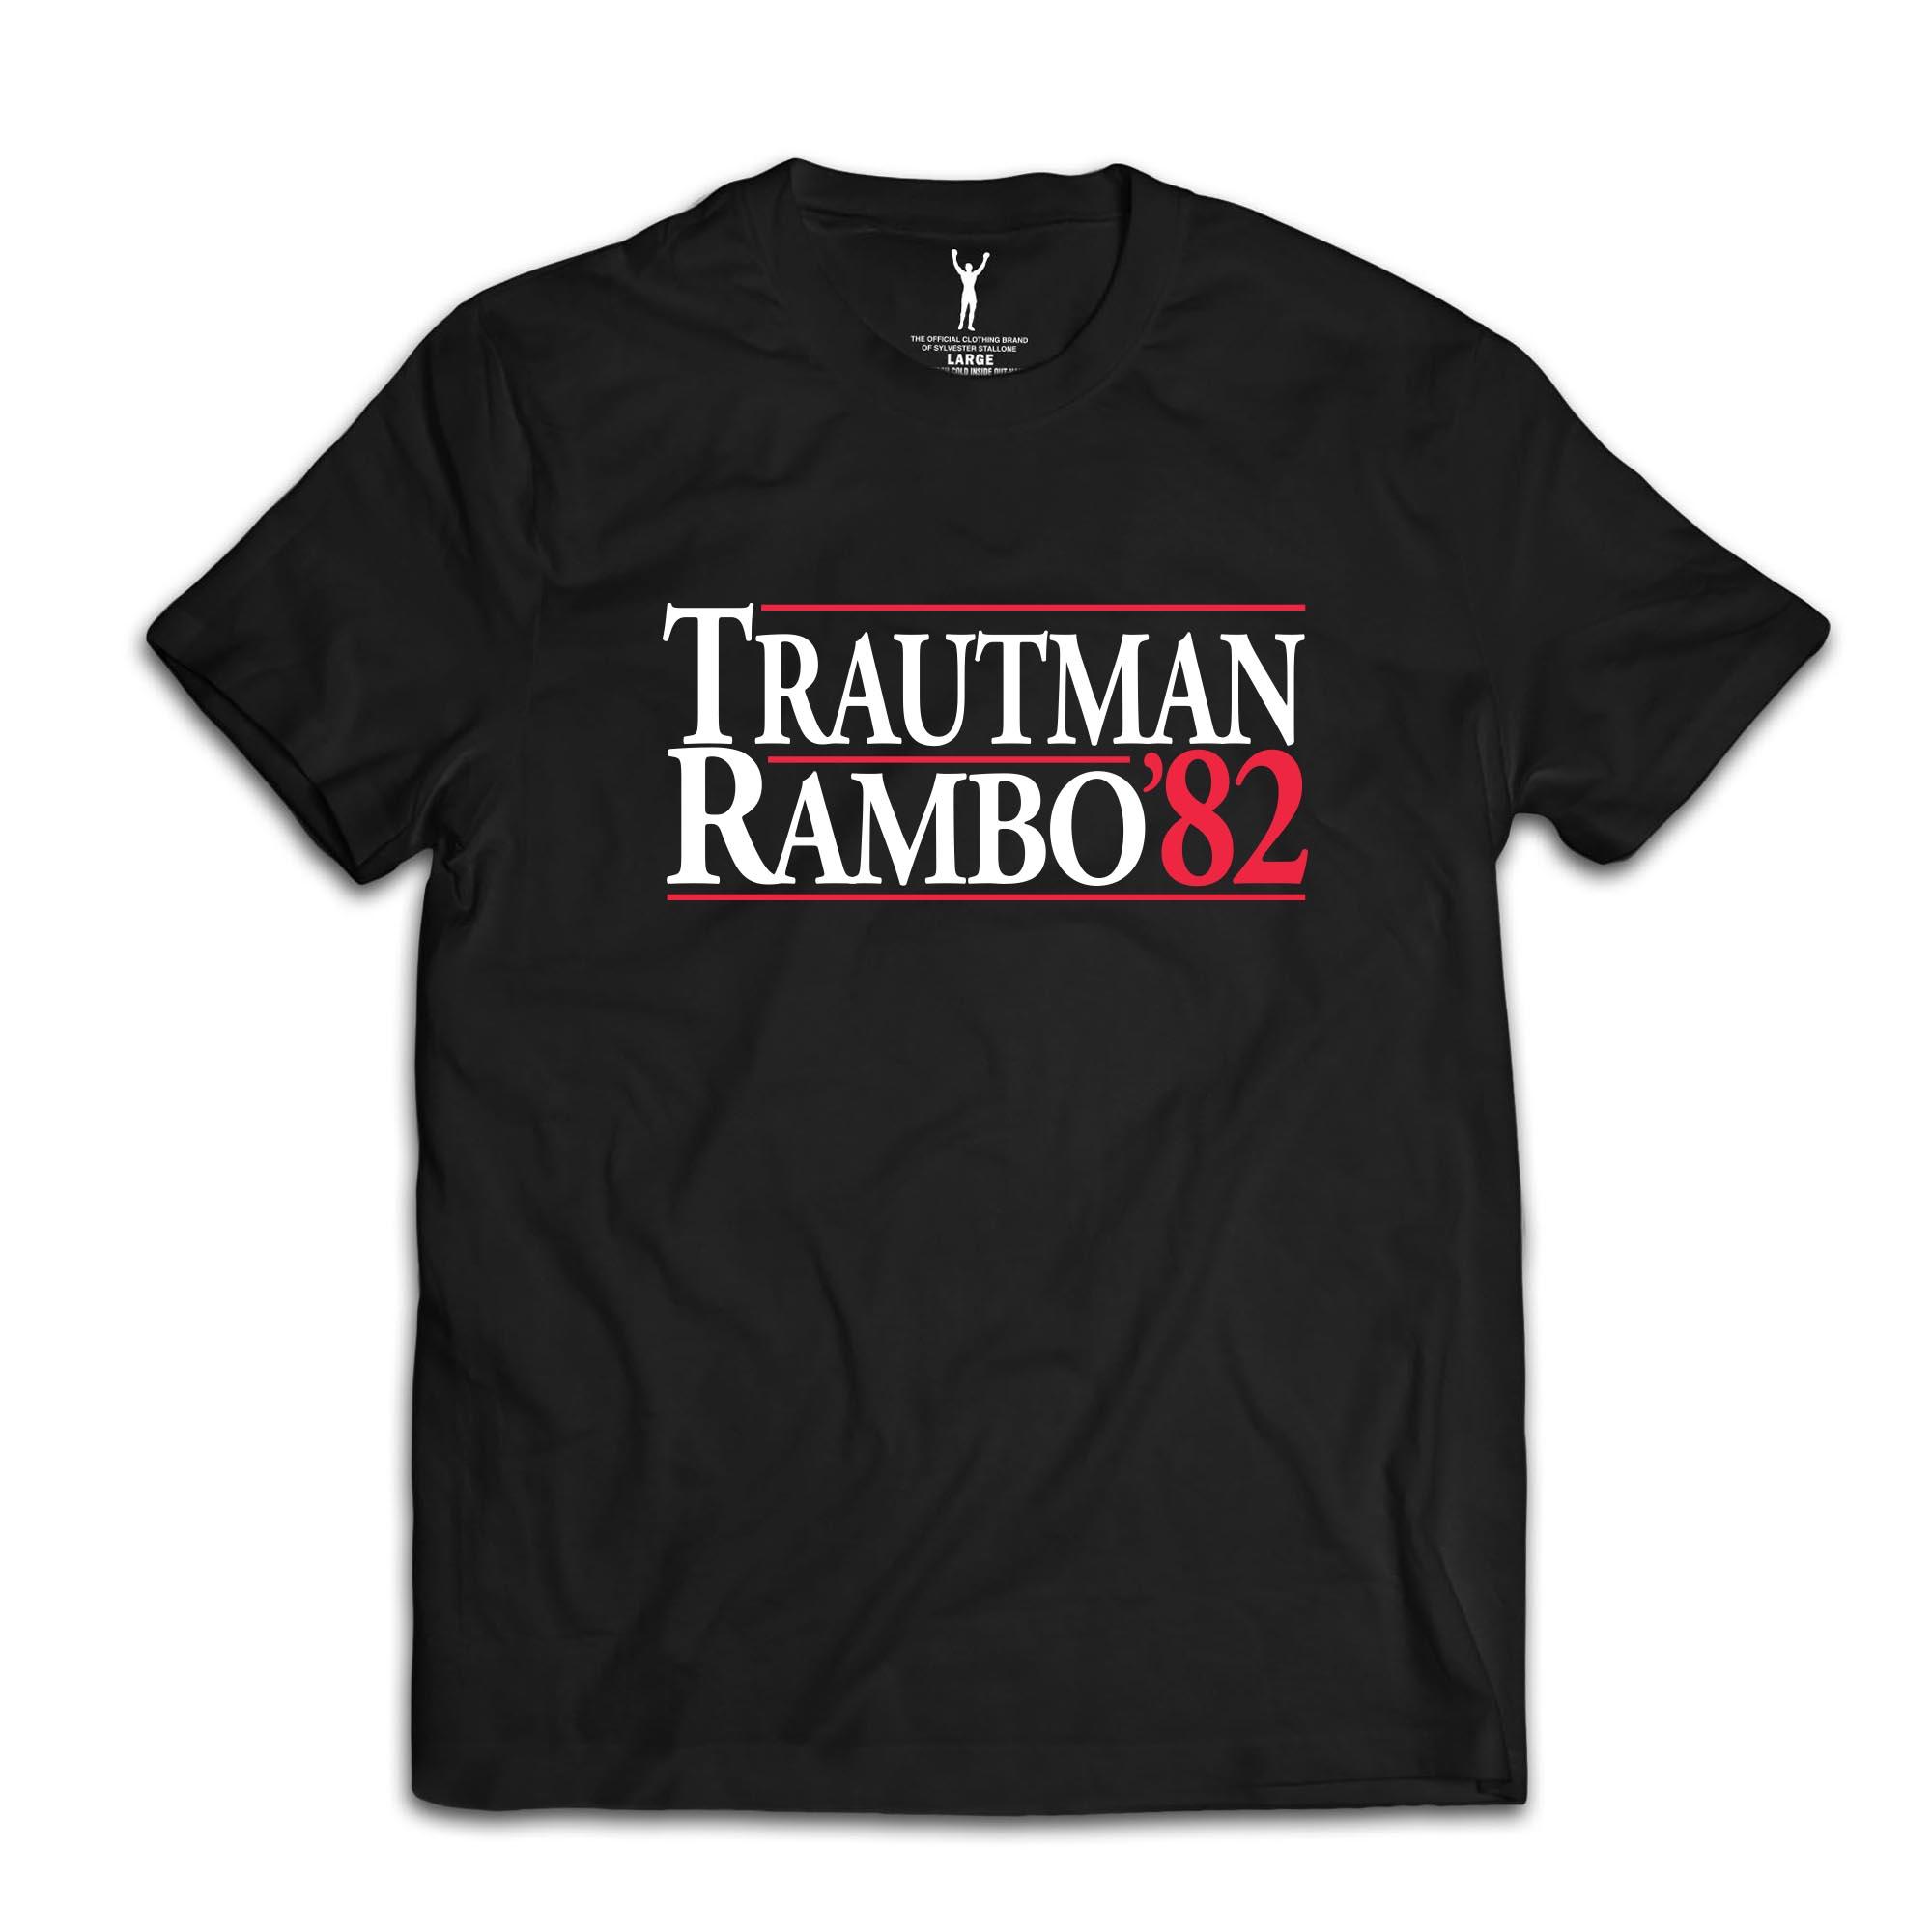 Trautman Rambo 82' Tee